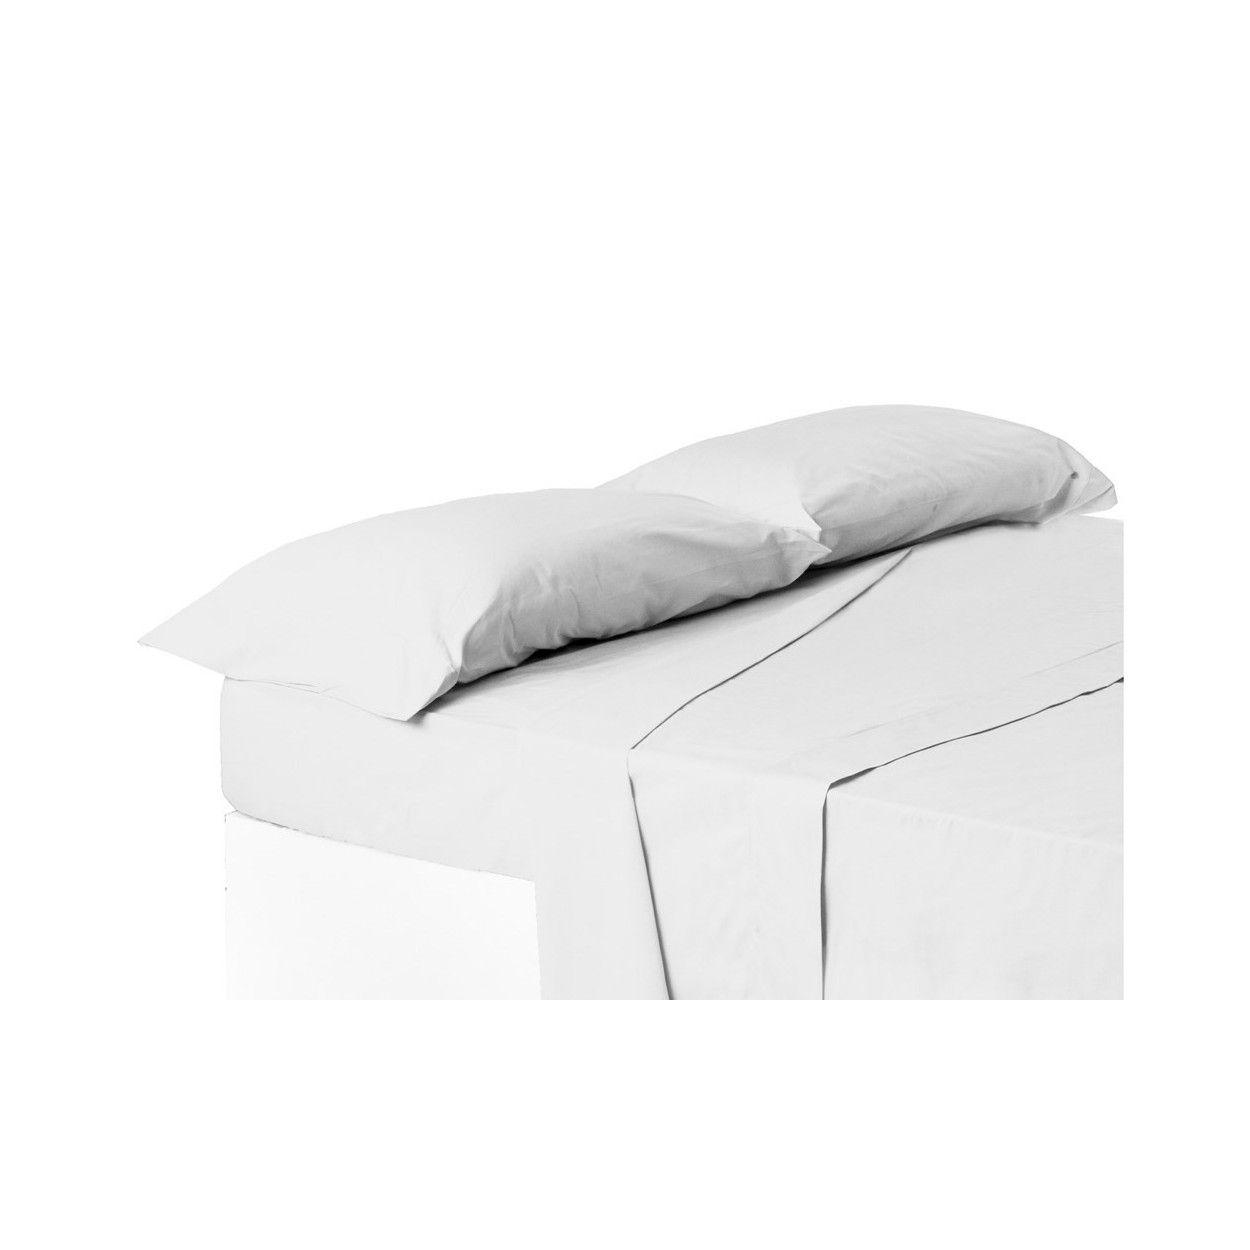 Funda de almohada cama 150 cm blanca hogar y m s - Funda almohada 150 ...